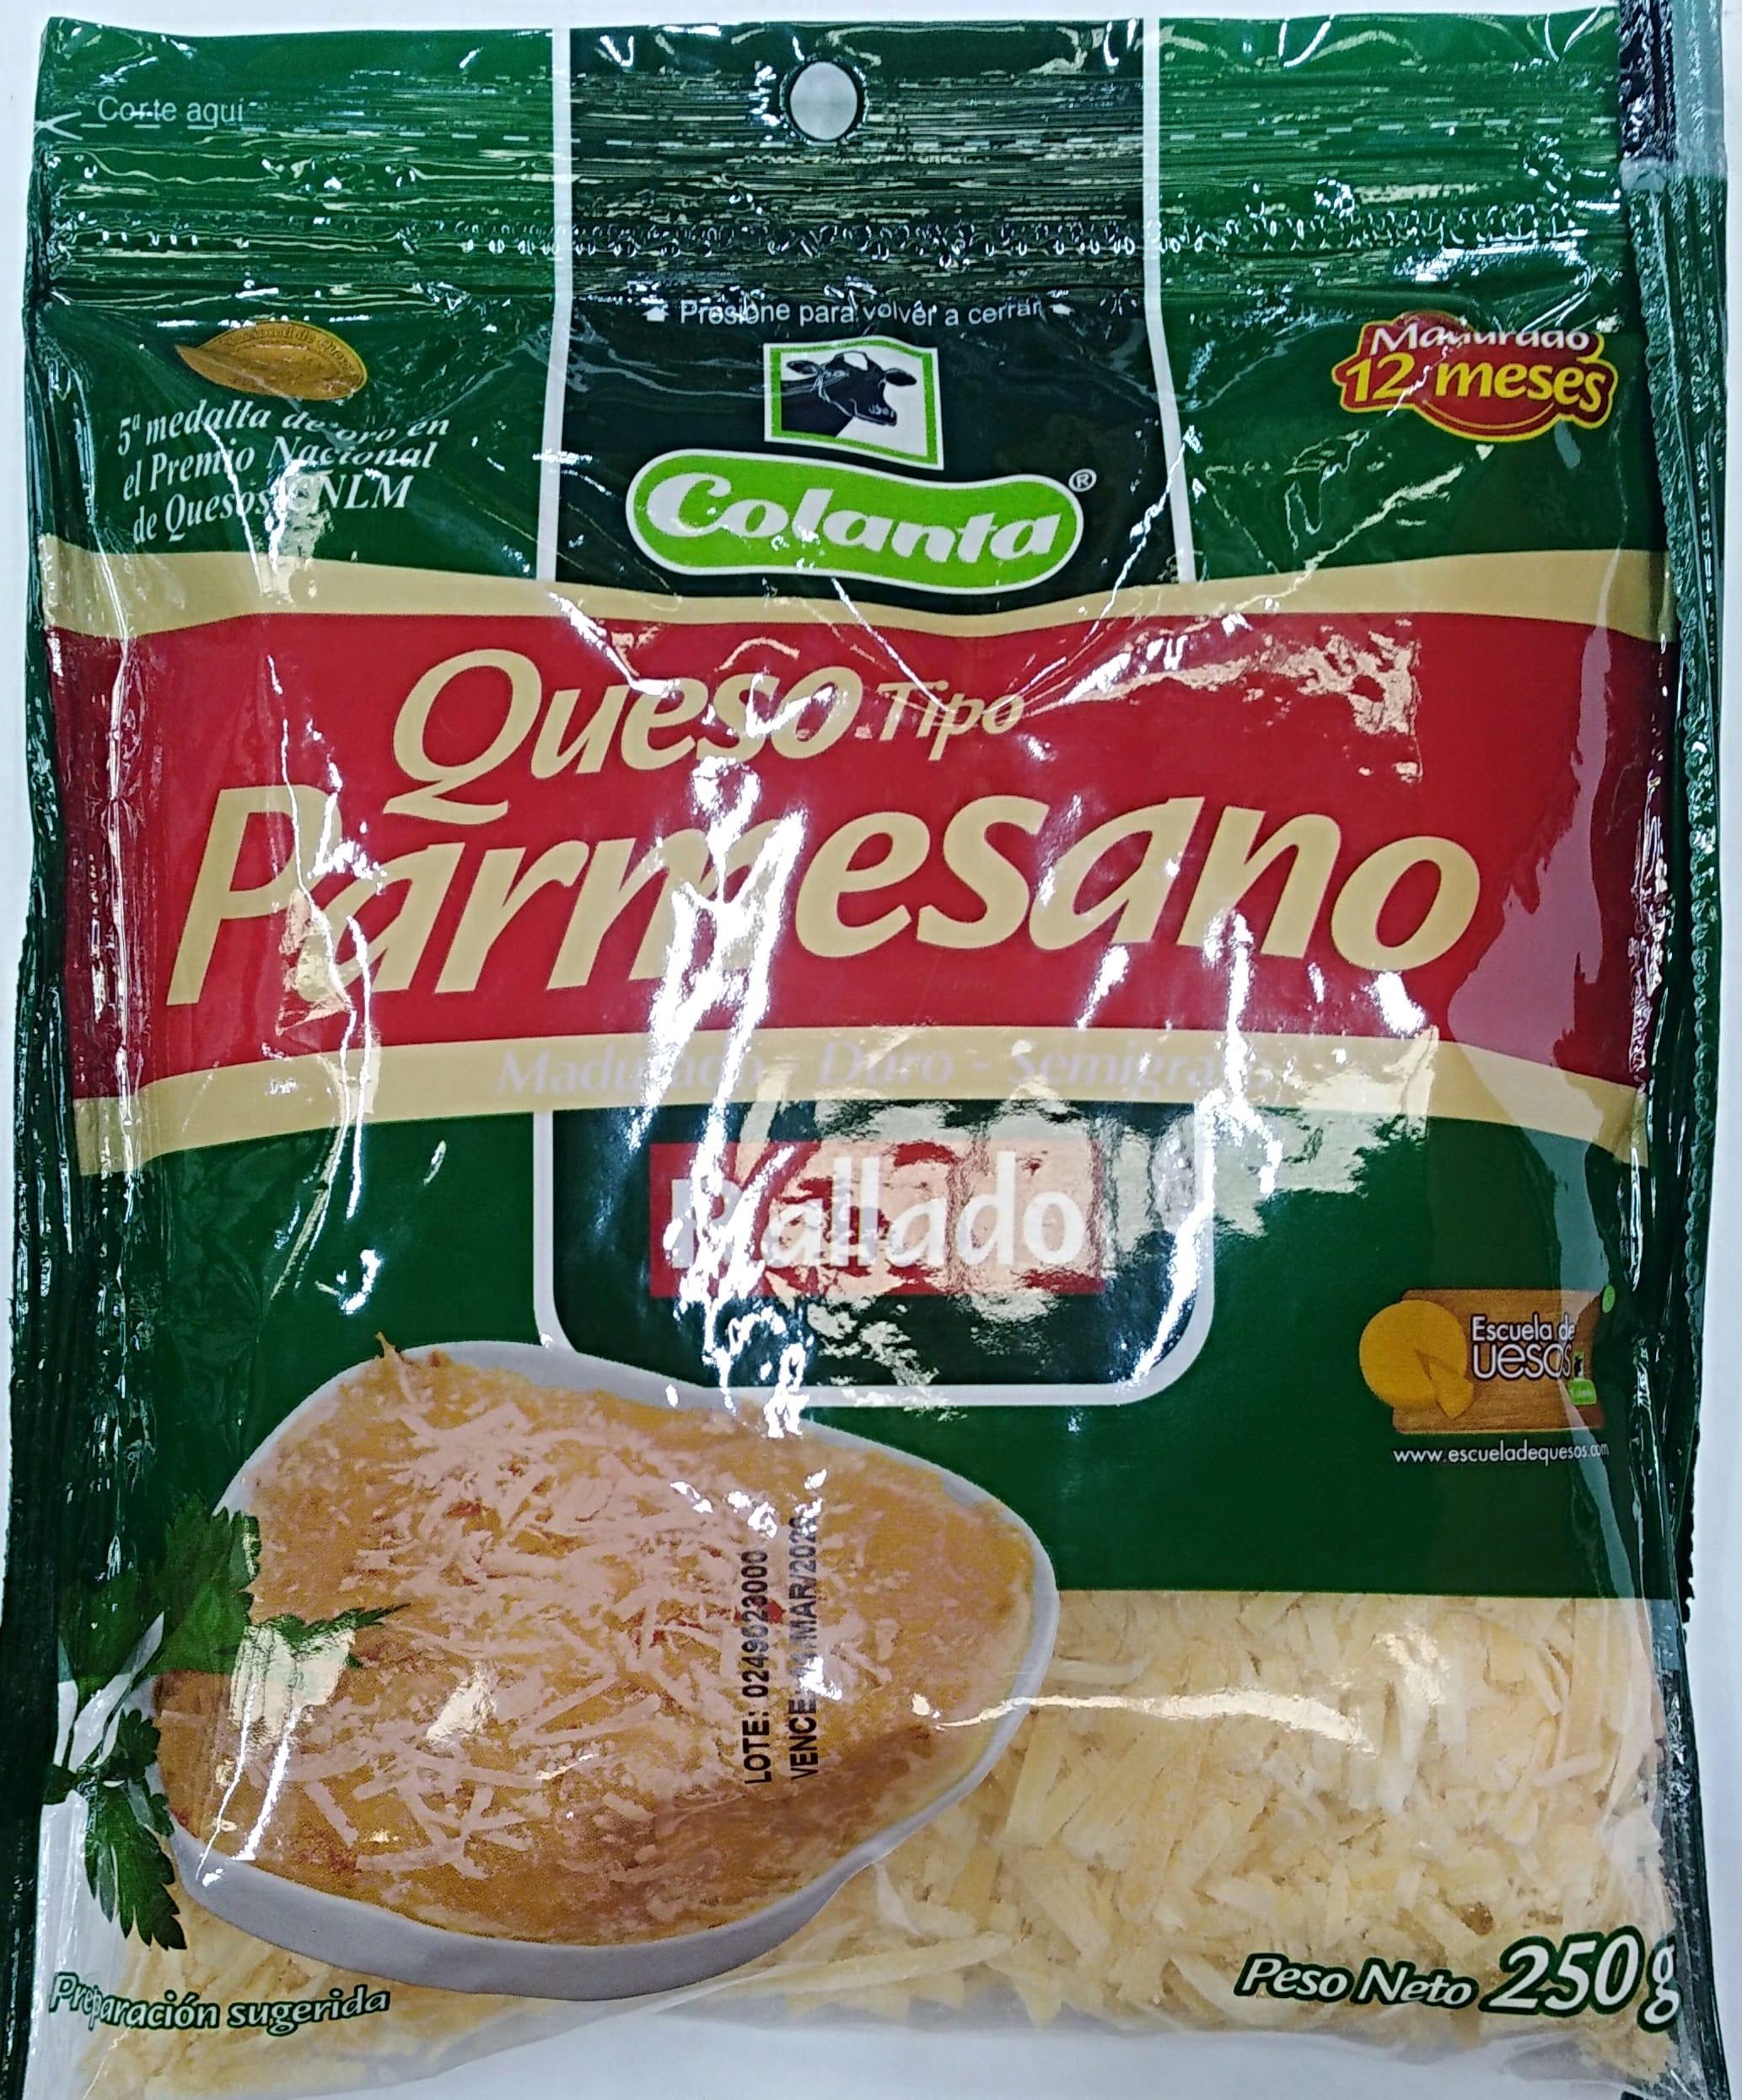 Queso Colanta Parmesano 250g